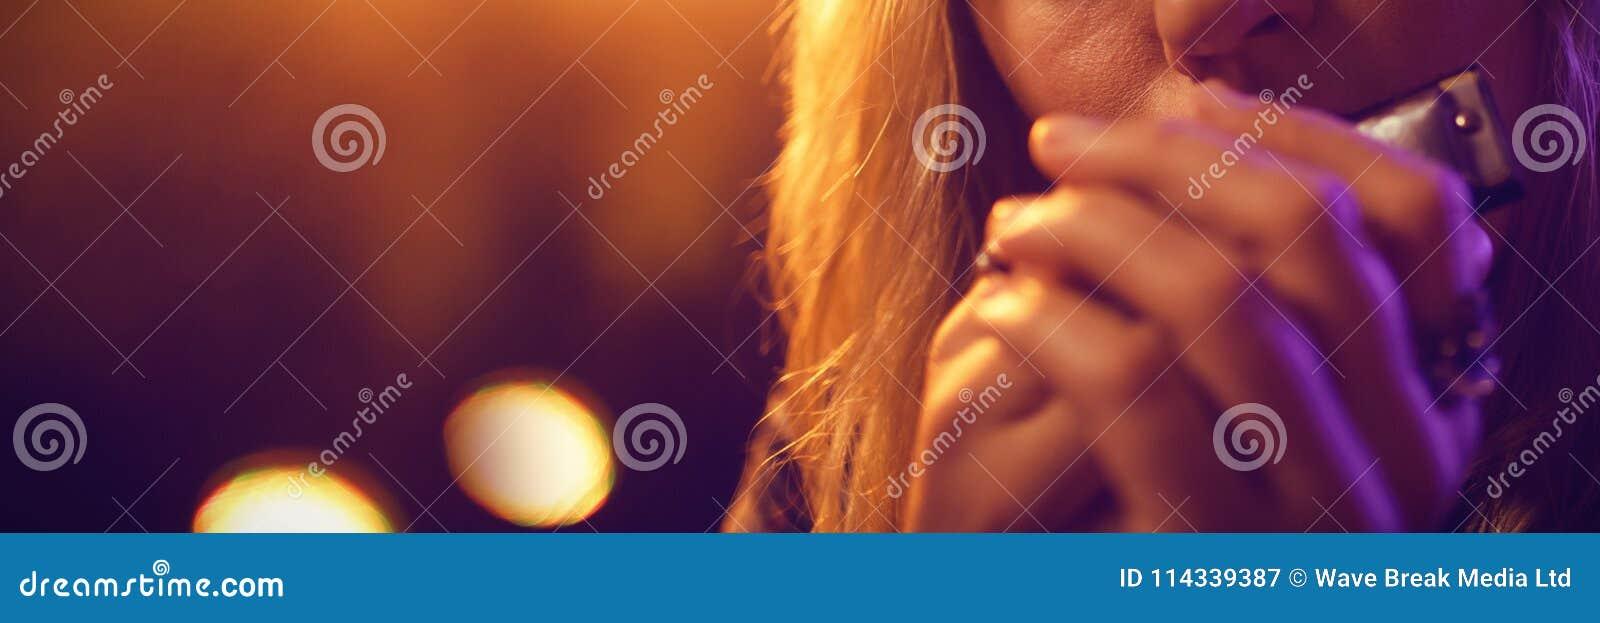 Музыкант играя губную гармонику в ночном клубе